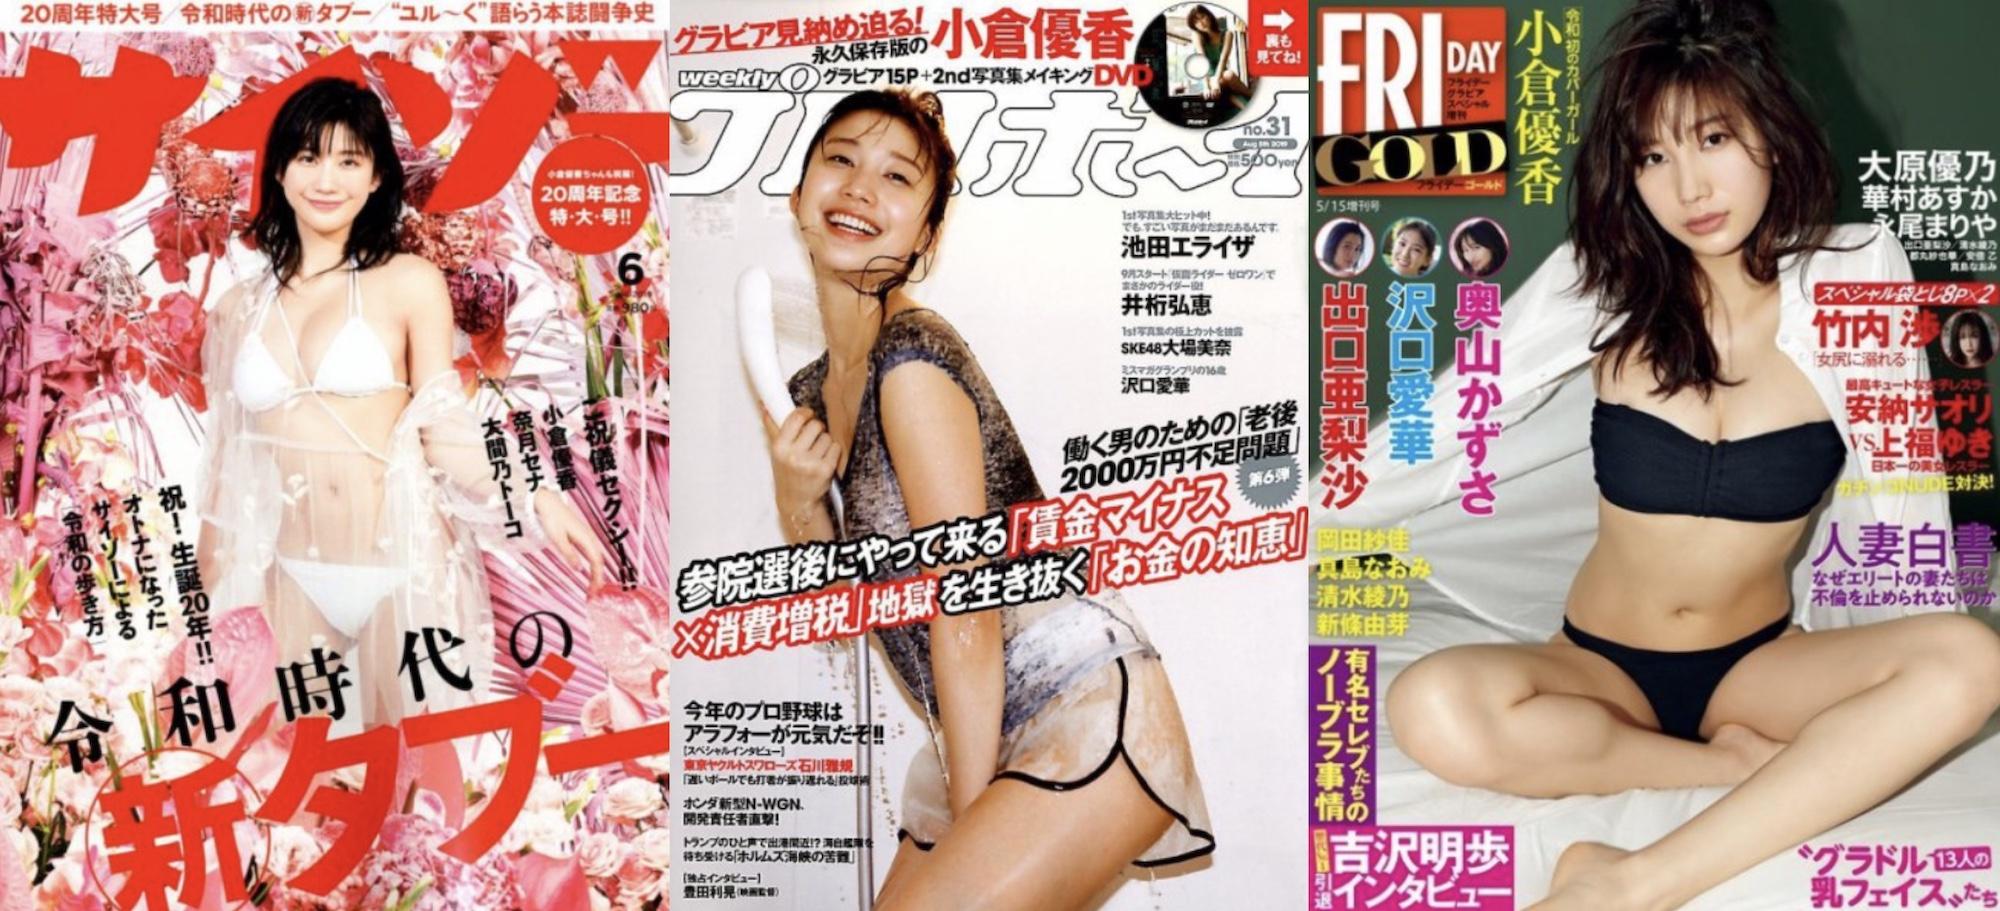 小倉優香、2019年に最も多くの表紙を飾ったグラドルに決定!『カバーガール大賞』【グラビア部門】